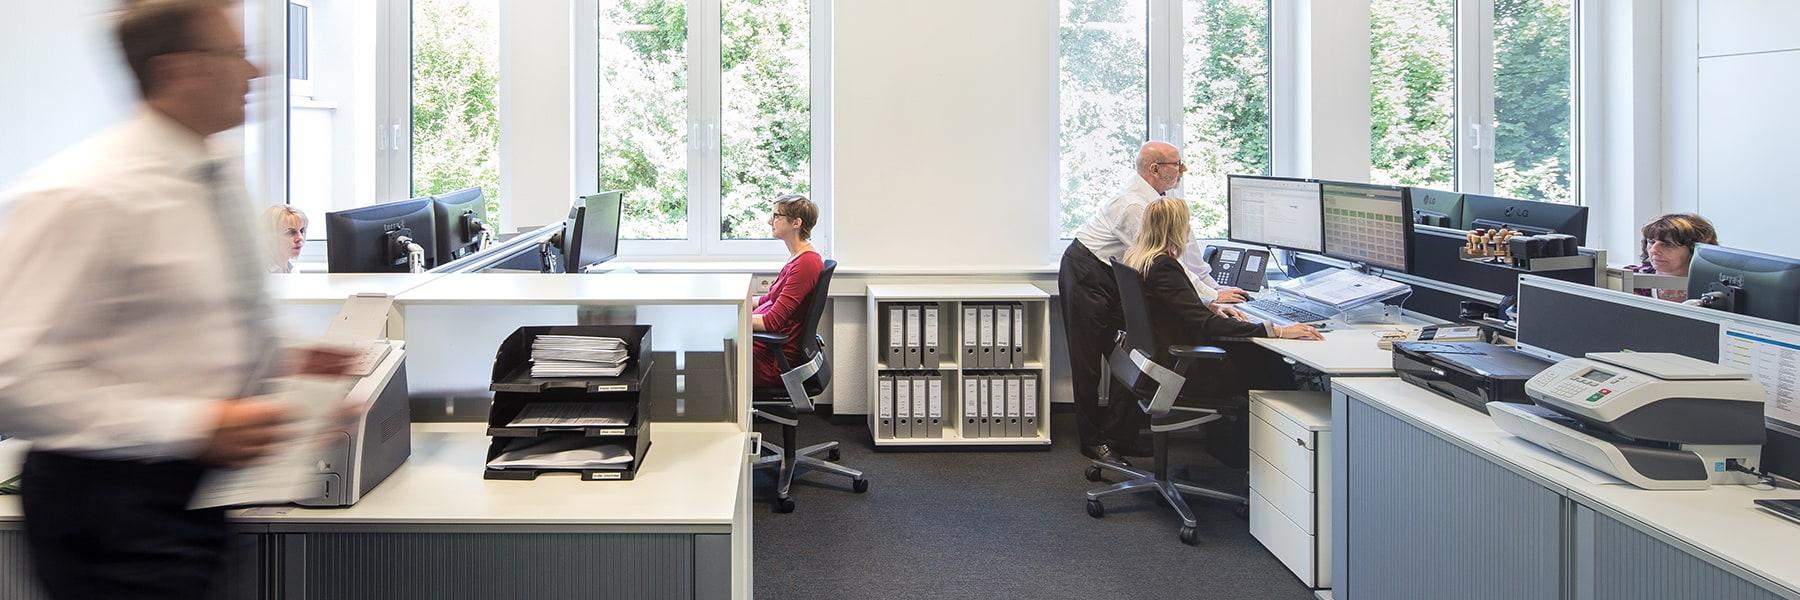 Büroräume der MERGET + PARTNER Steuerberater, Rechtsanwälte, Wirtschaftsprüfer mit Sitz in Aschaffenburg